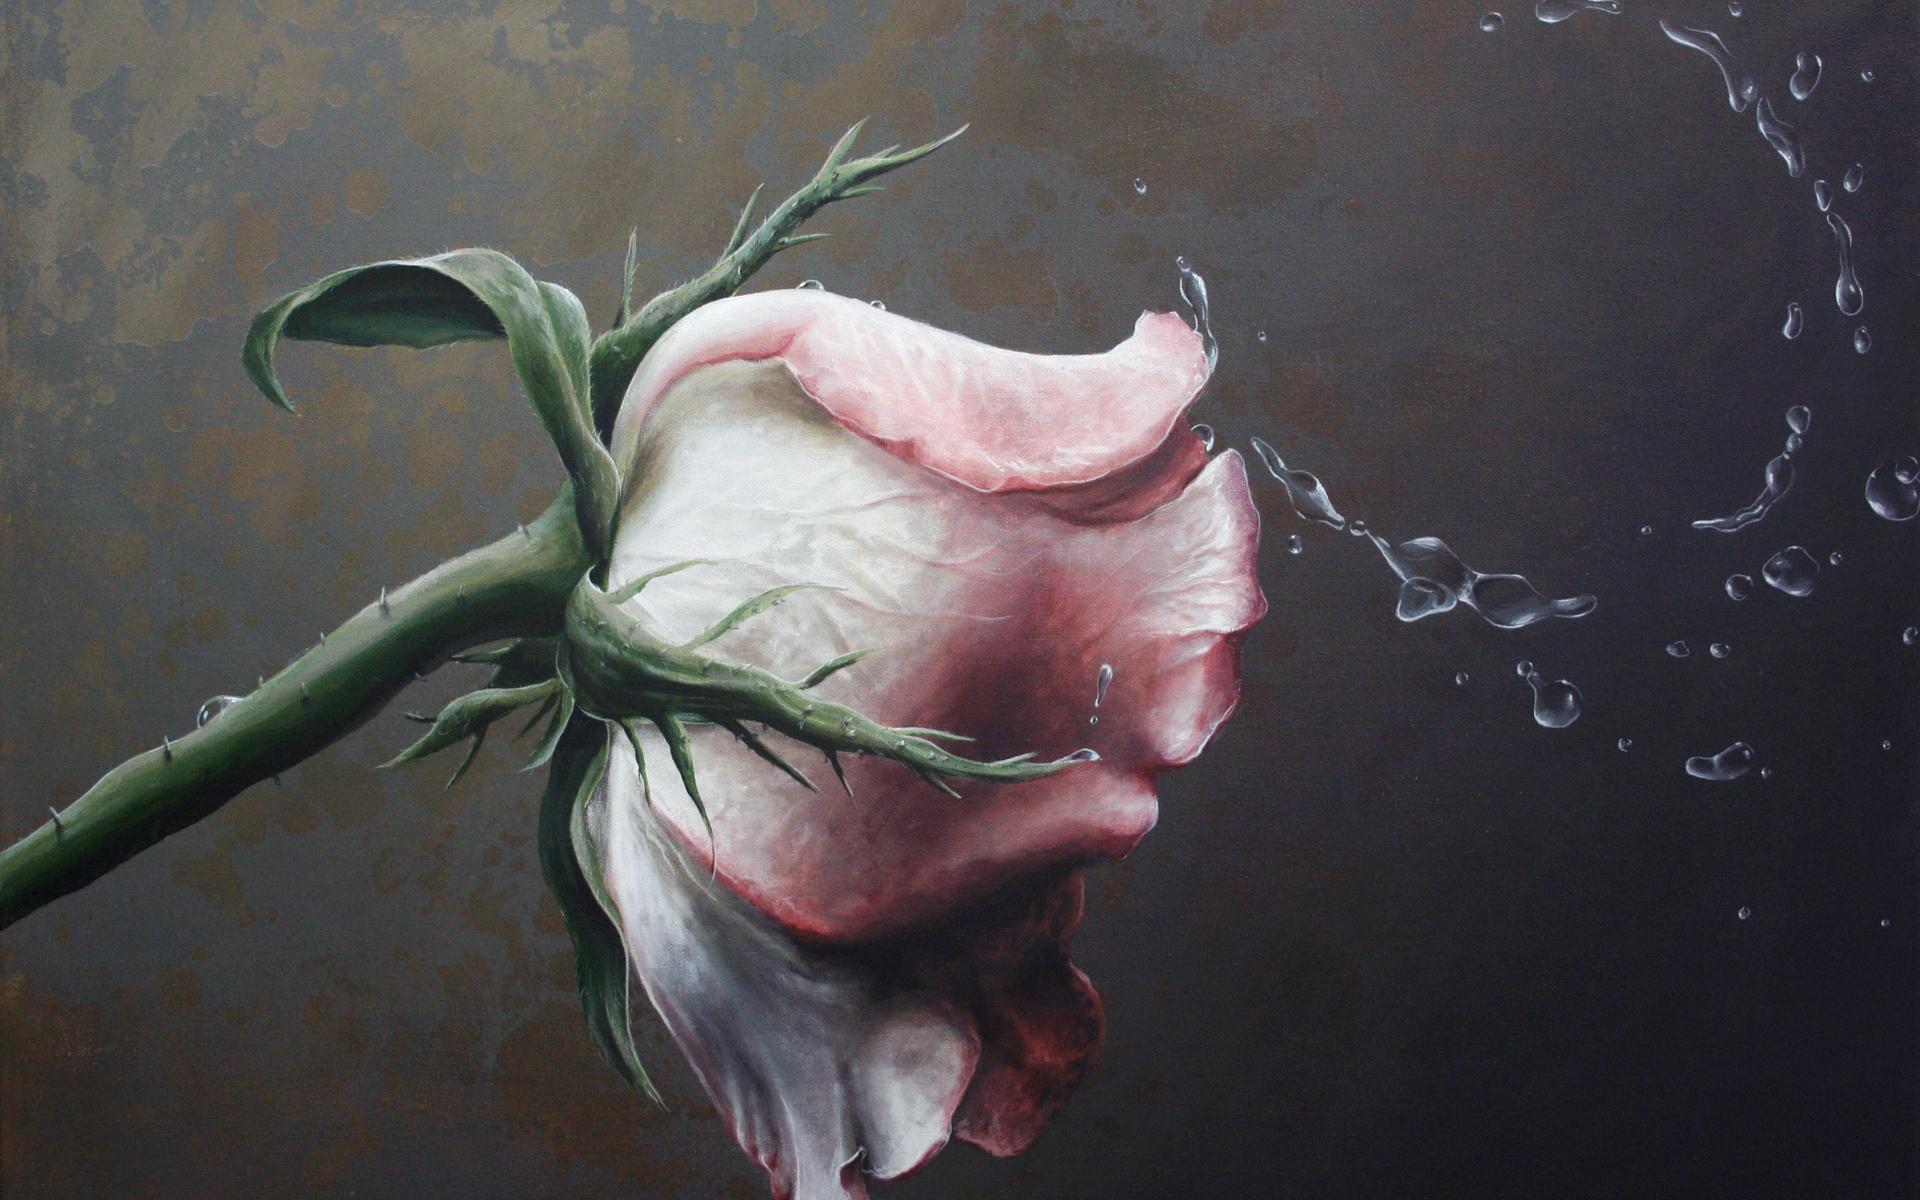 Handy-Wallpaper Blumen, Roses, Bilder kostenlos herunterladen.